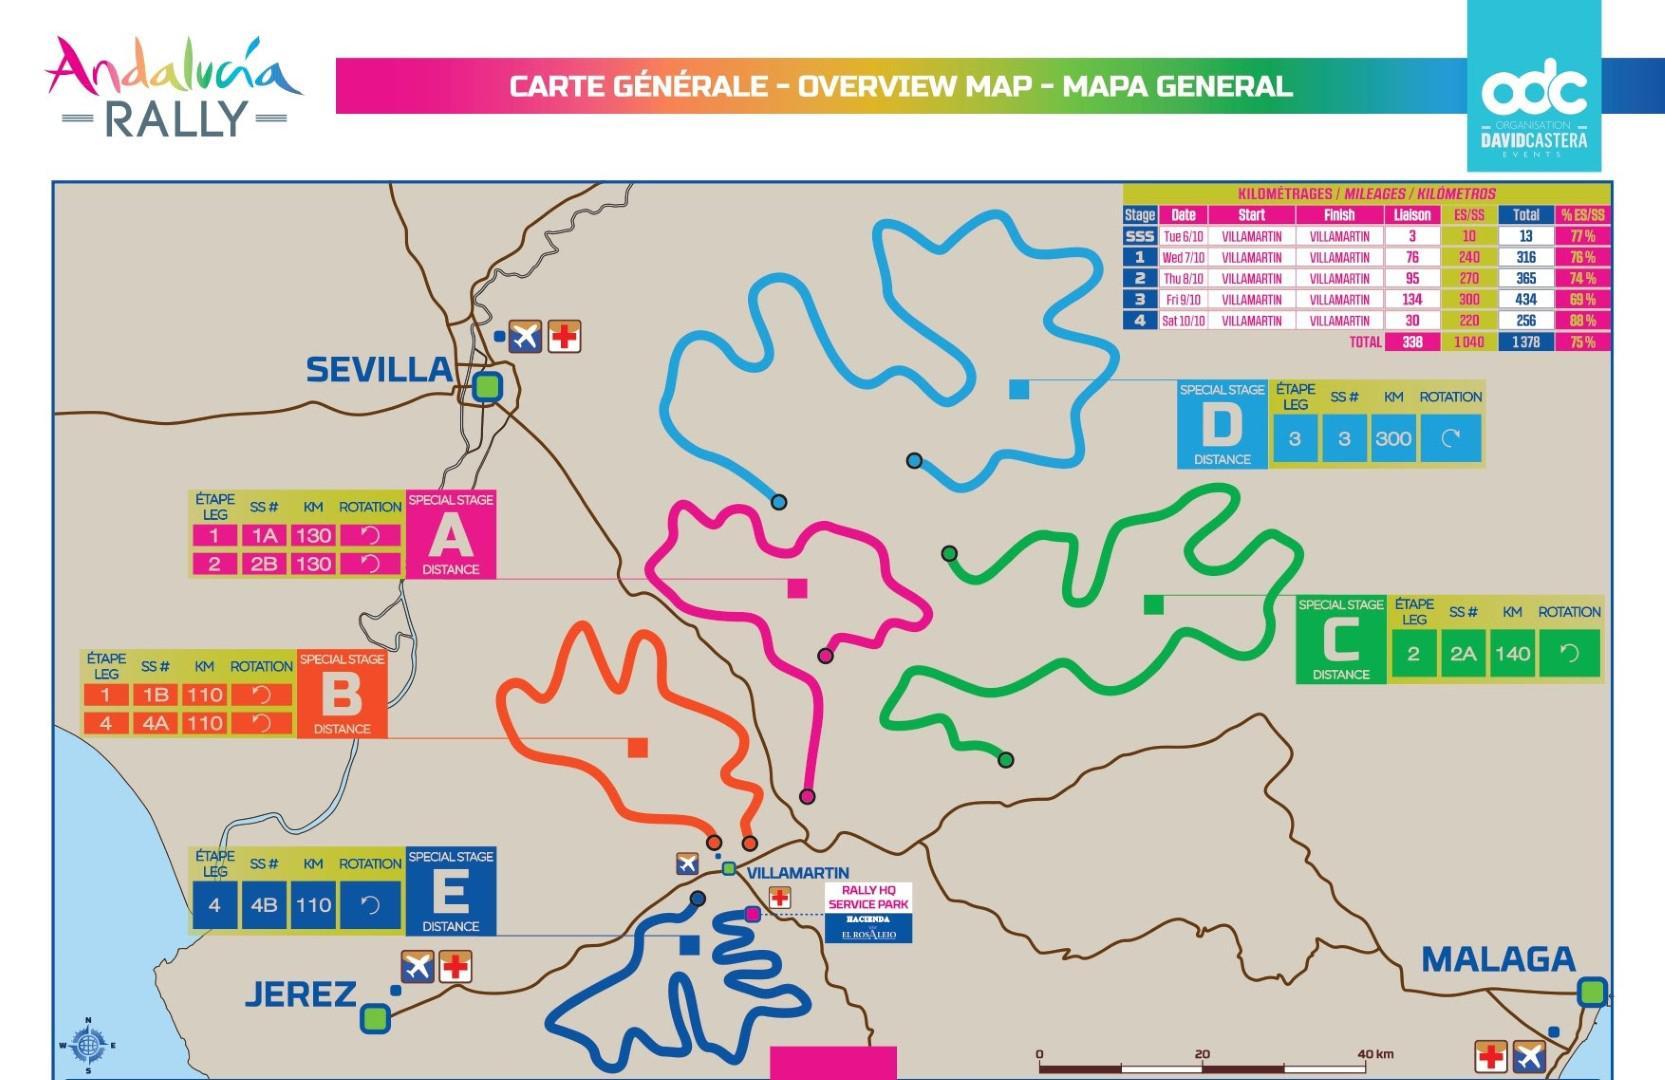 andalucia-rally-2020-tout-ce-qu-il-faut-savoir-sur-ce-rallye-1338-5.jpg